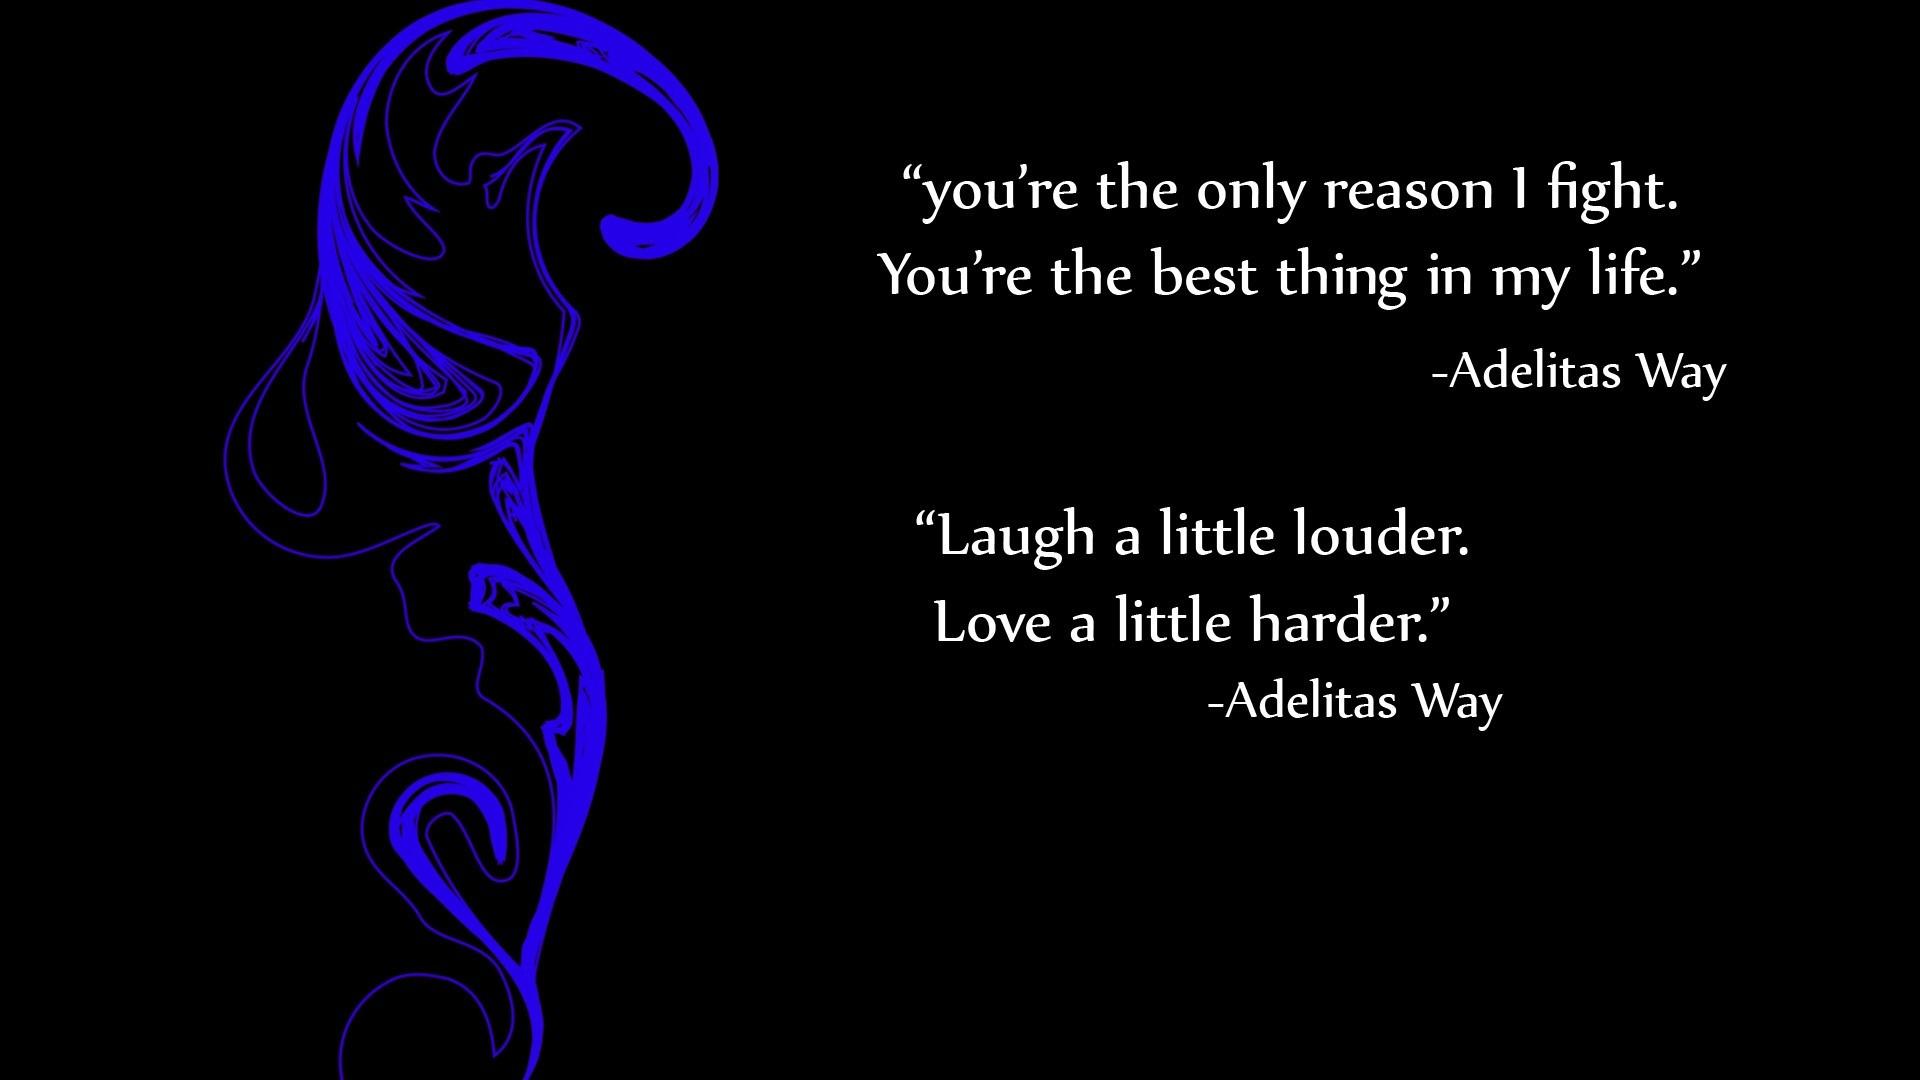 best life quotes desktop wallpaper download best life quotes wallpaper 1920x1080